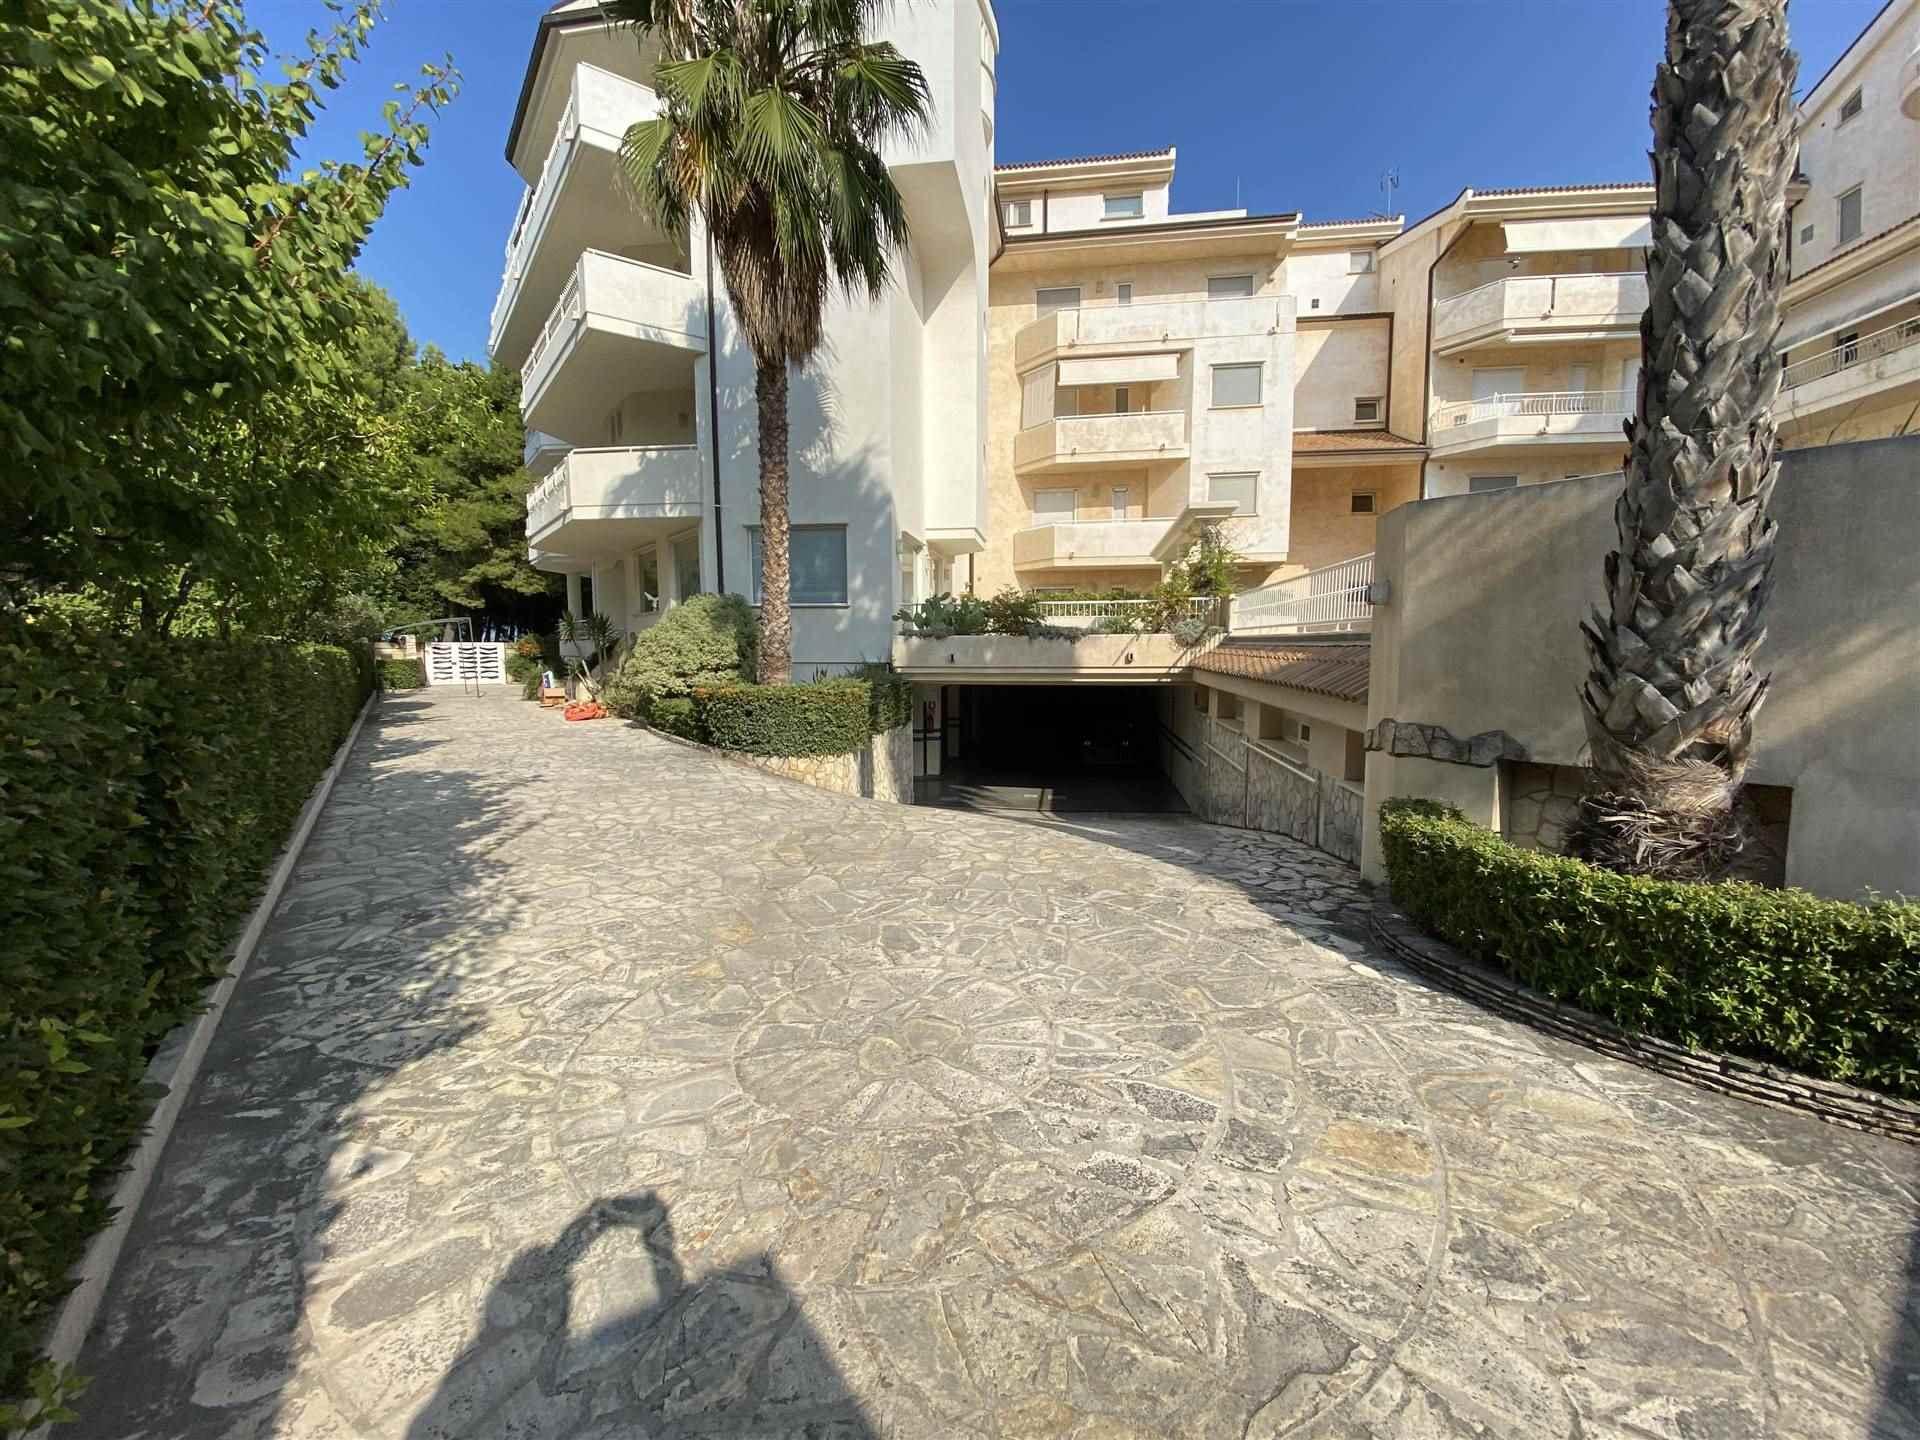 Appartamento in affitto a Vasto, 2 locali, zona Zona: Vasto Marina, prezzo € 900 | CambioCasa.it